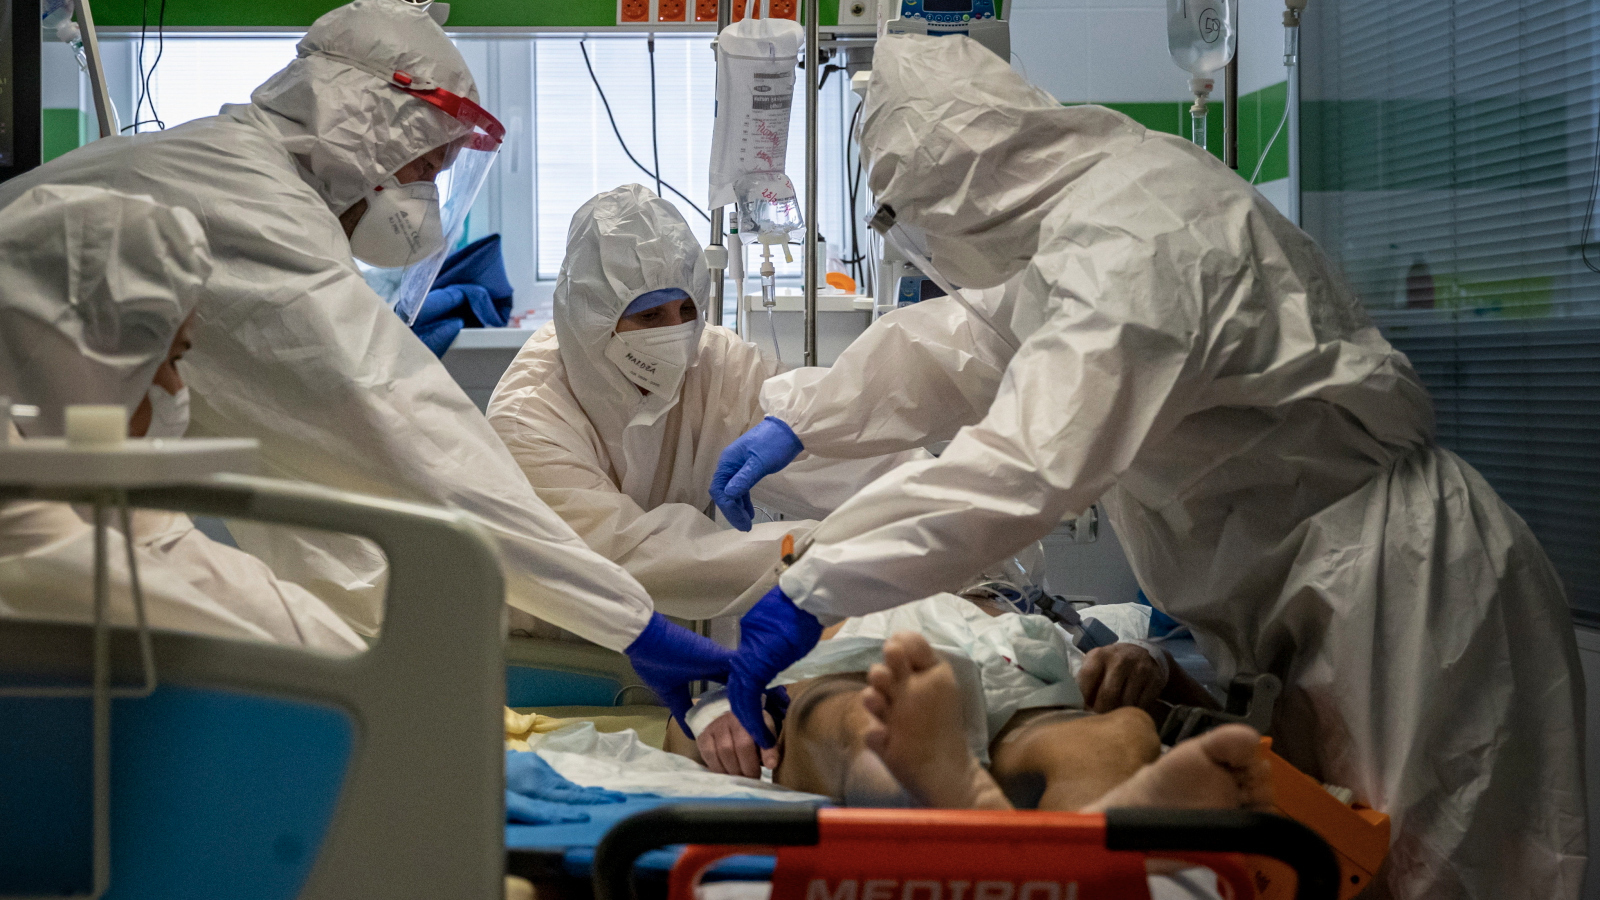 Świat walczy z trzecią falą pandemii COVID-19